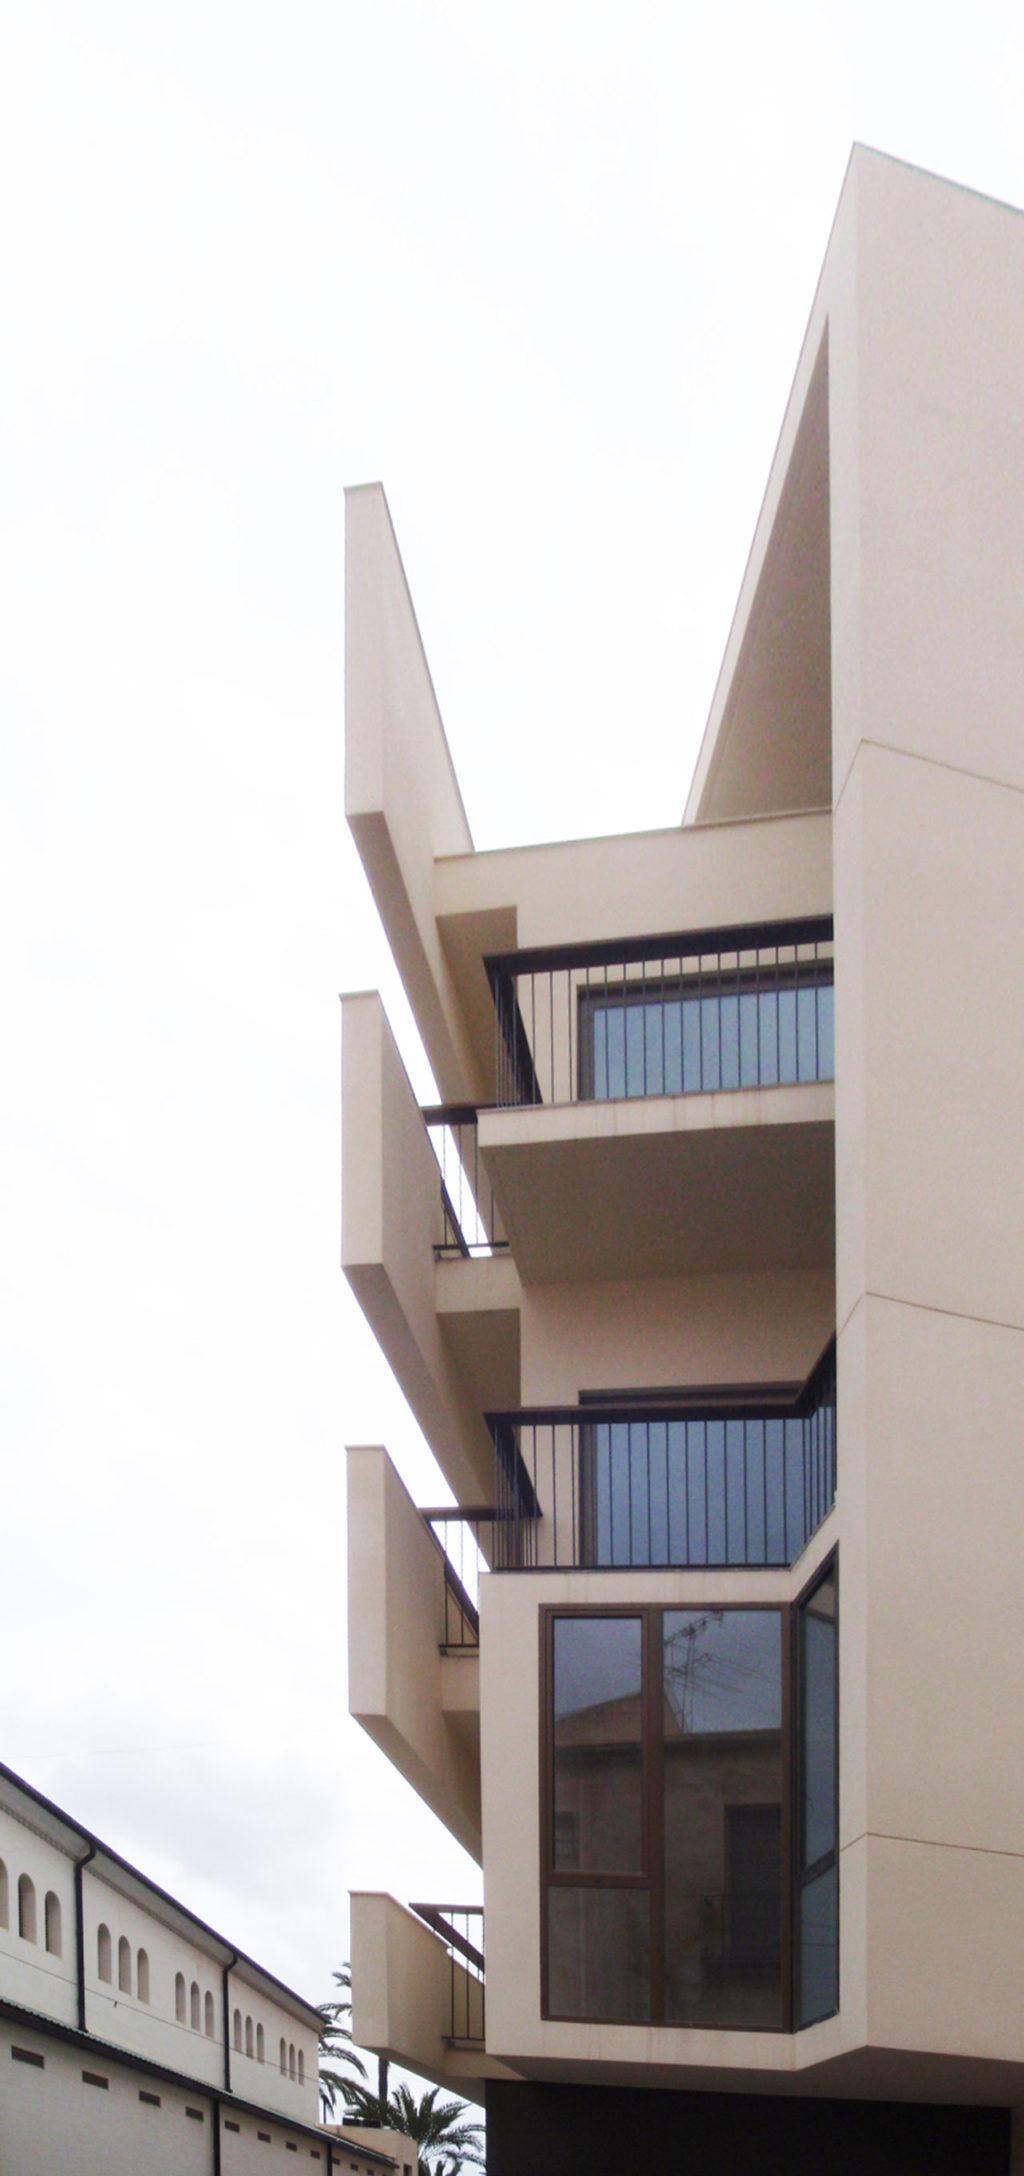 Proyecto de construcción de edificio viviendas con fachadas a dos orientaciones